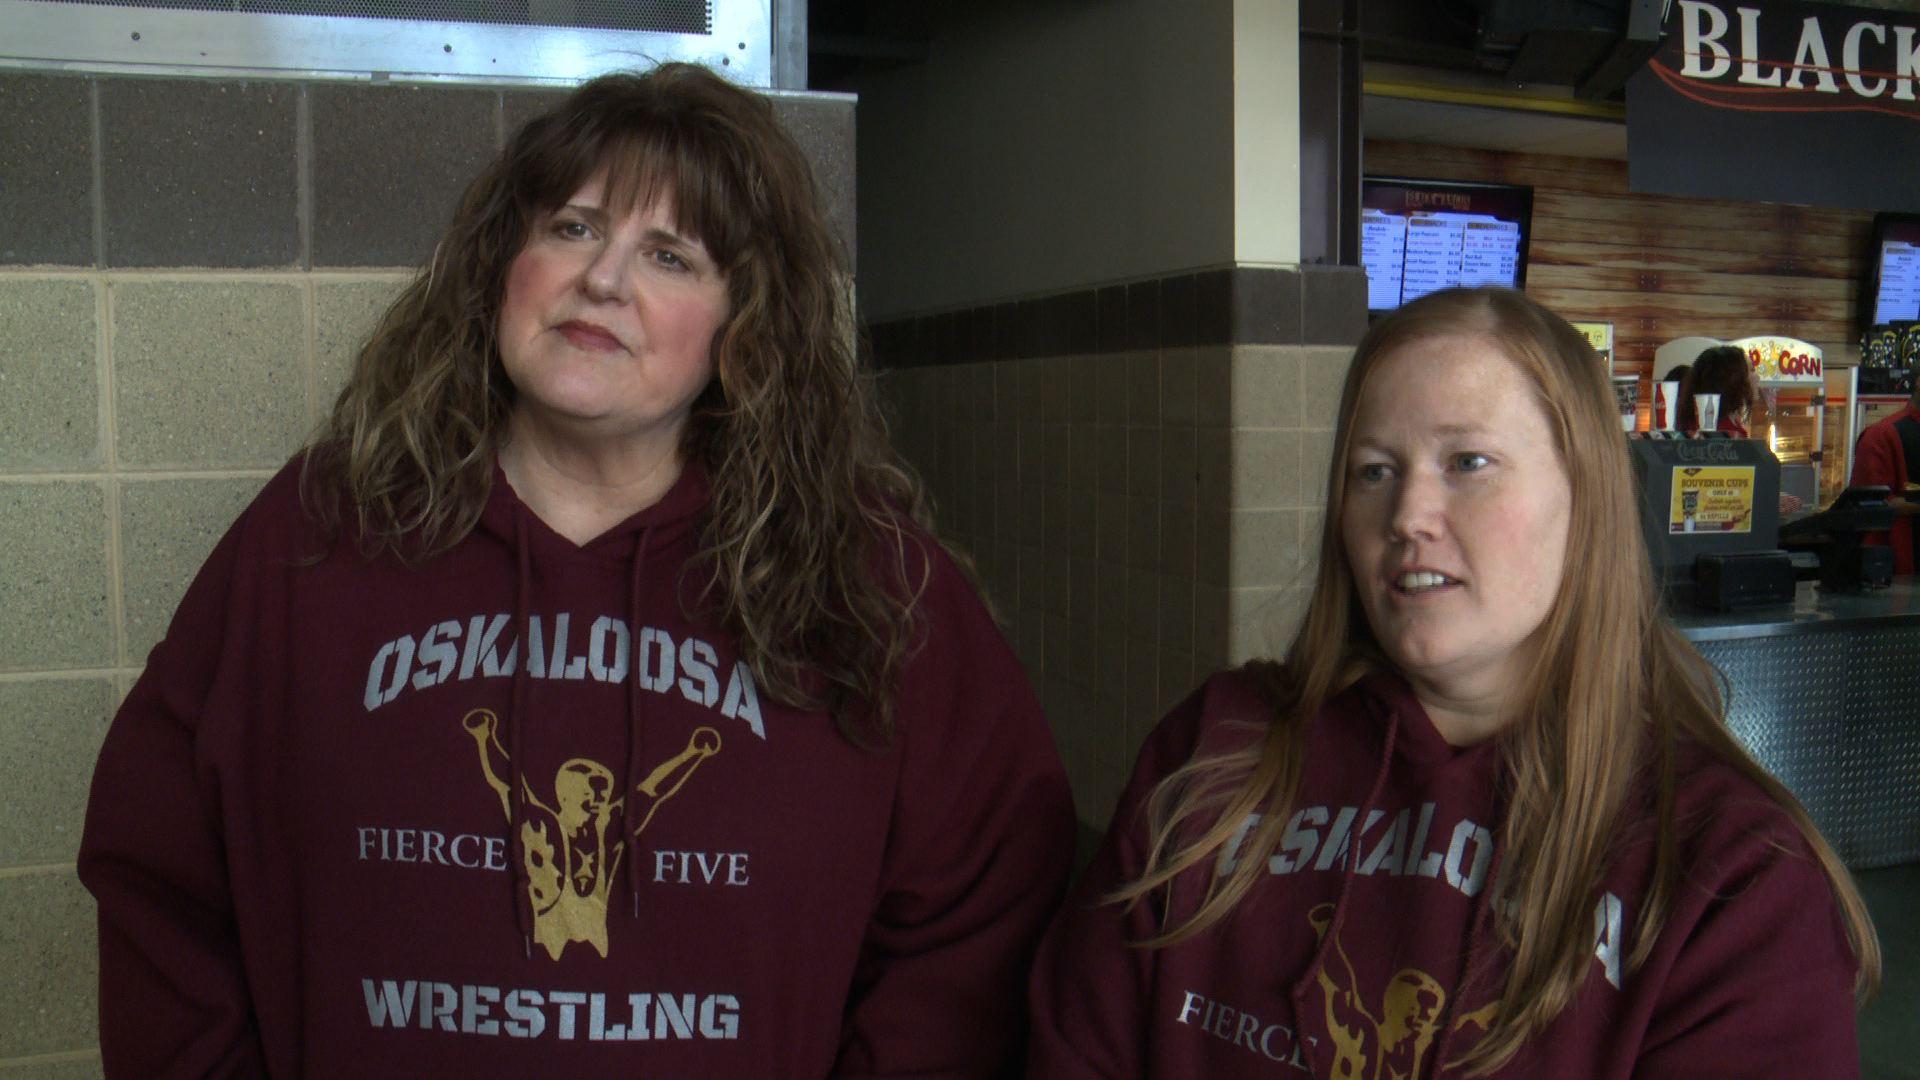 Wrestle Moms still